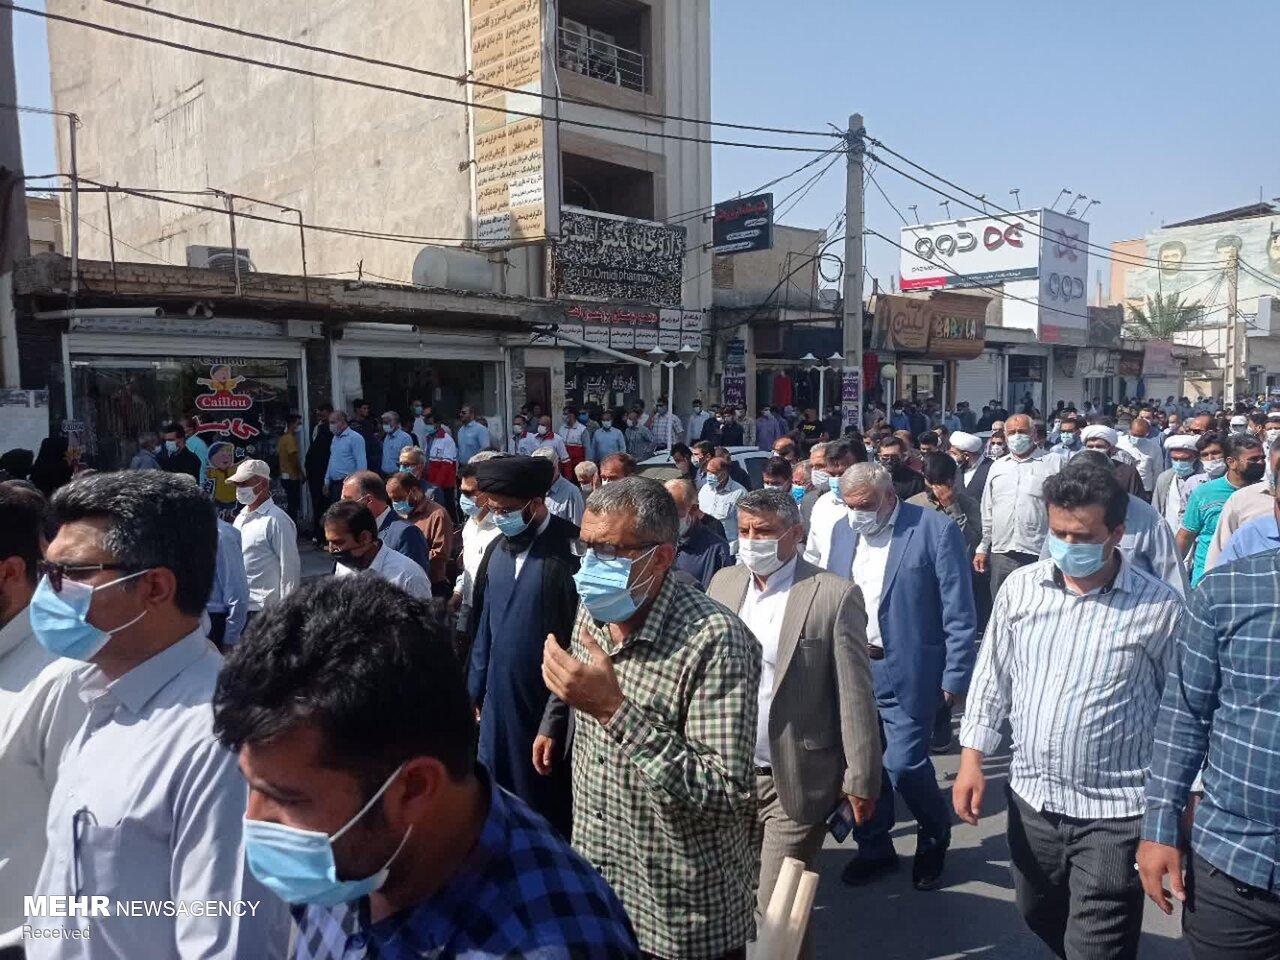 عکس/ راهپیمایی و تجمع وحدت آفرین مردم شهرستان ایذه